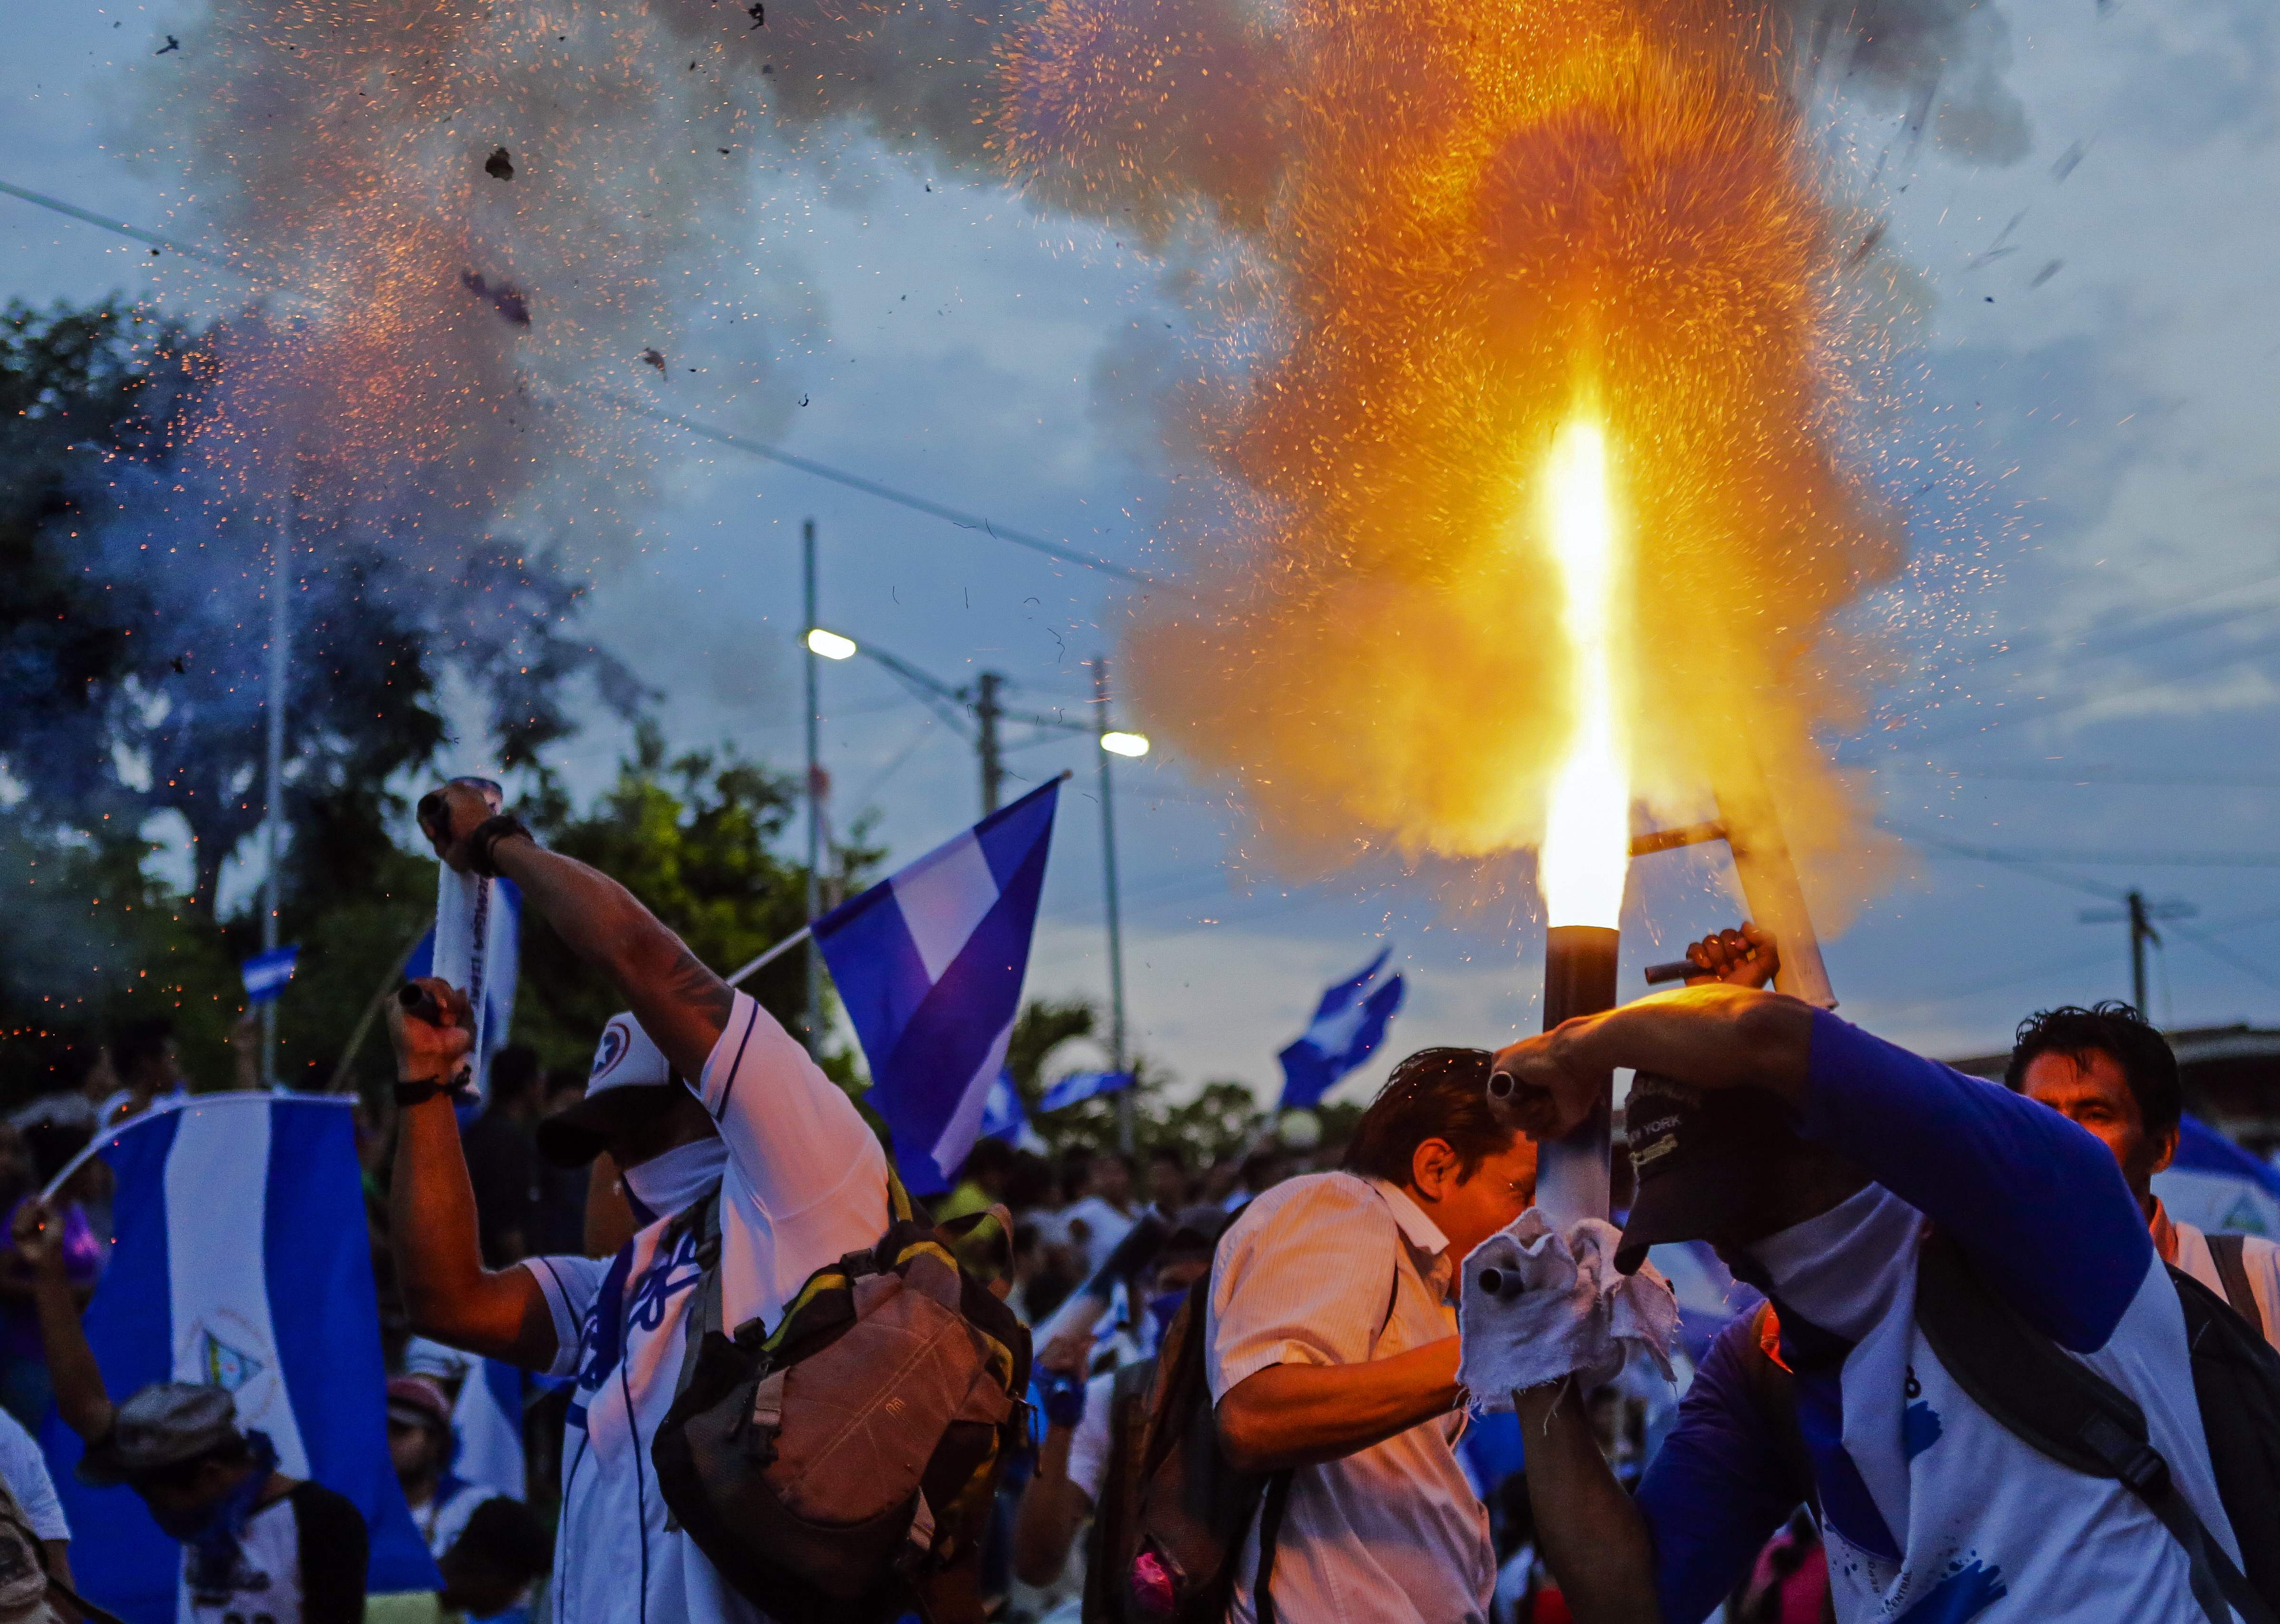 اطلاق الالعاب النارية فى نيكاراجوا